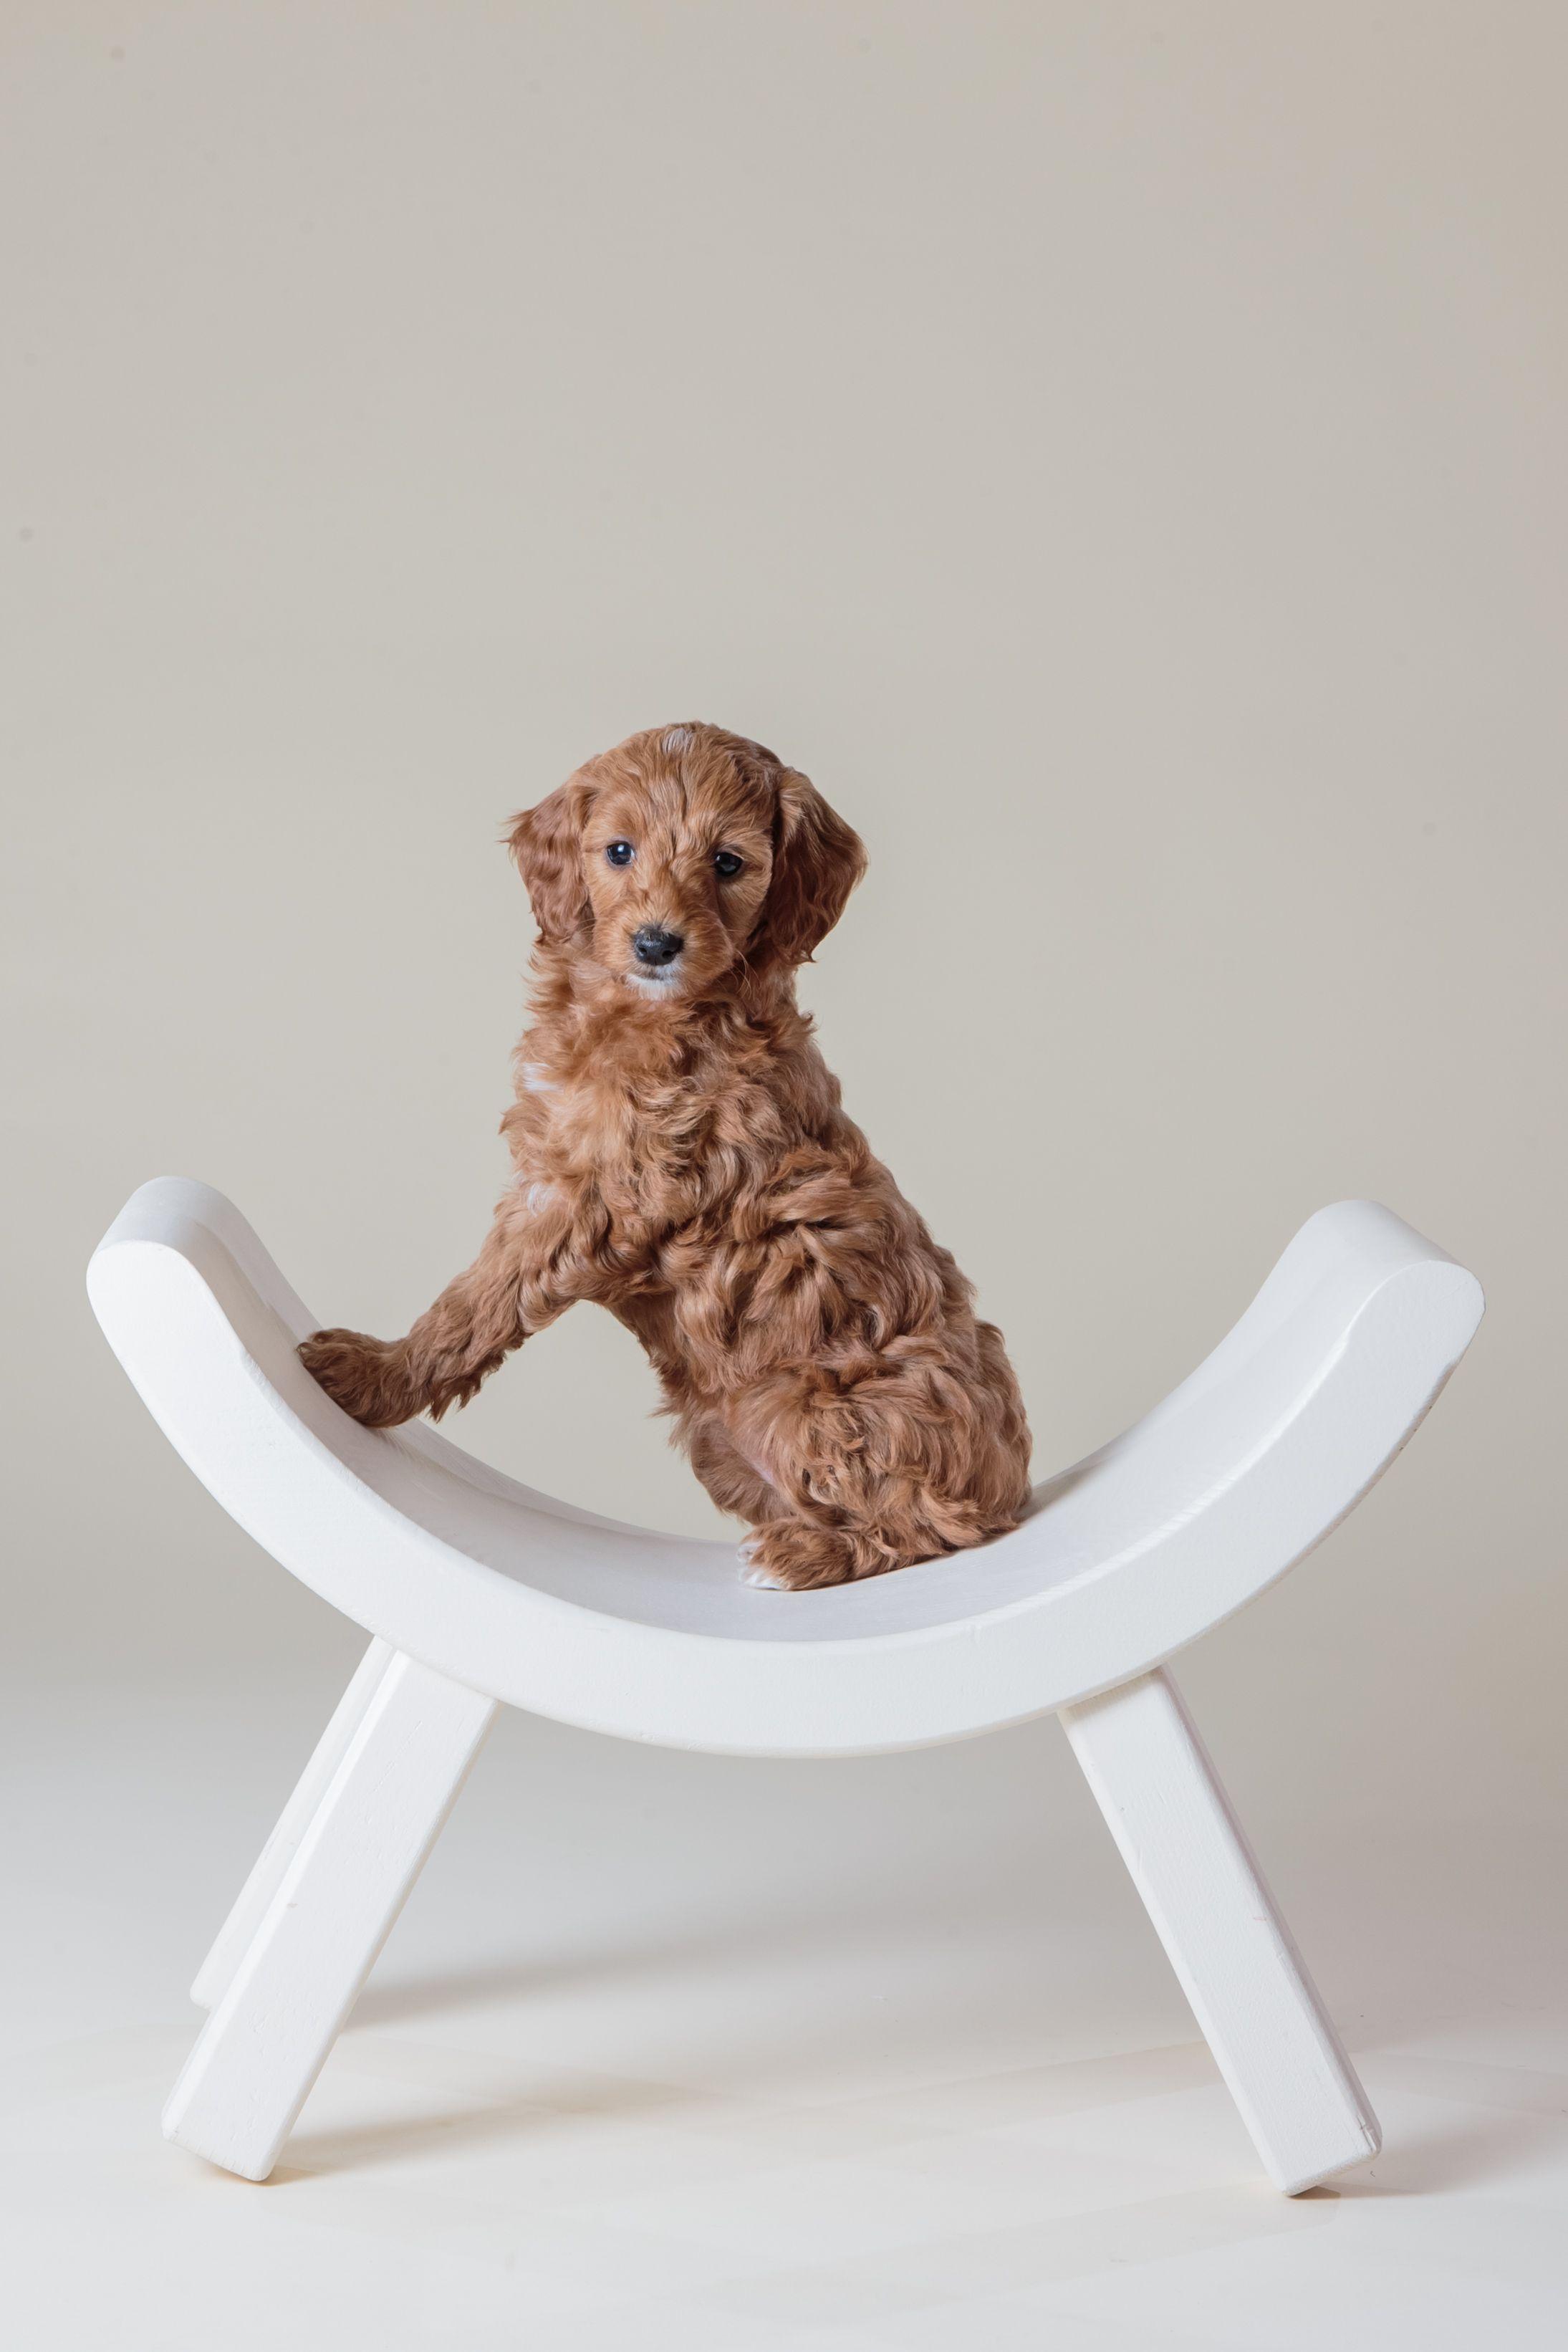 Medium, Mini & Petite Goldendoodle Puppies for sale in Iowa